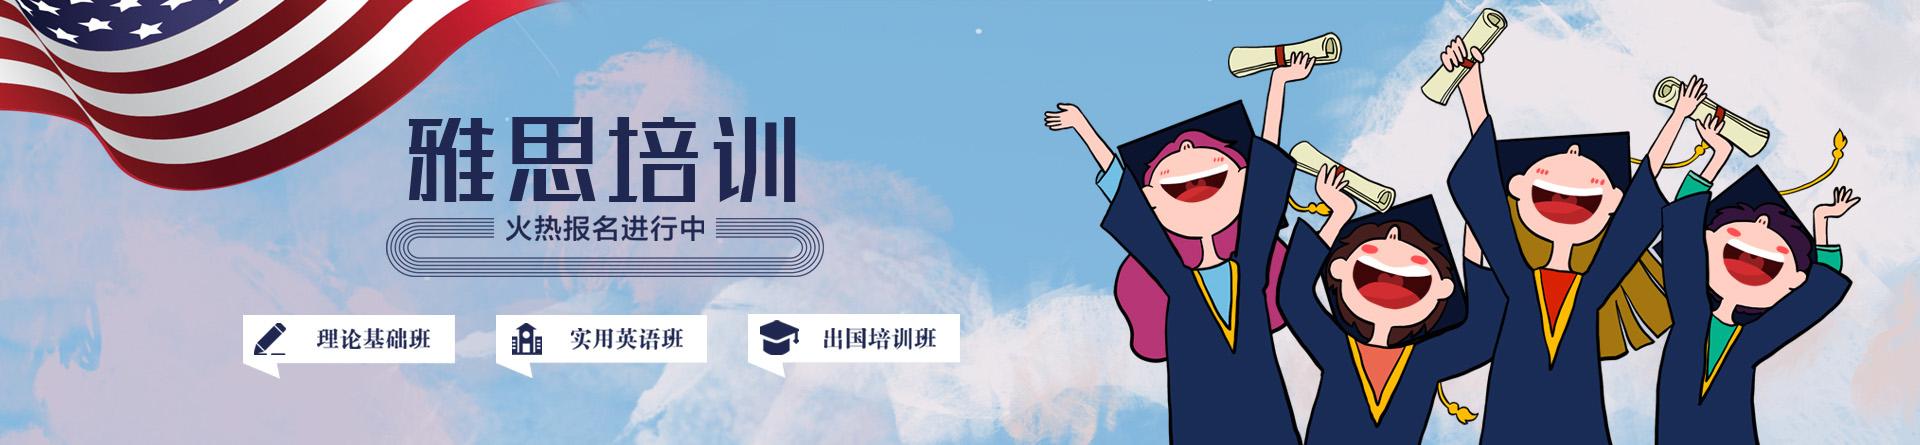 广州中山四路新航道英语培训